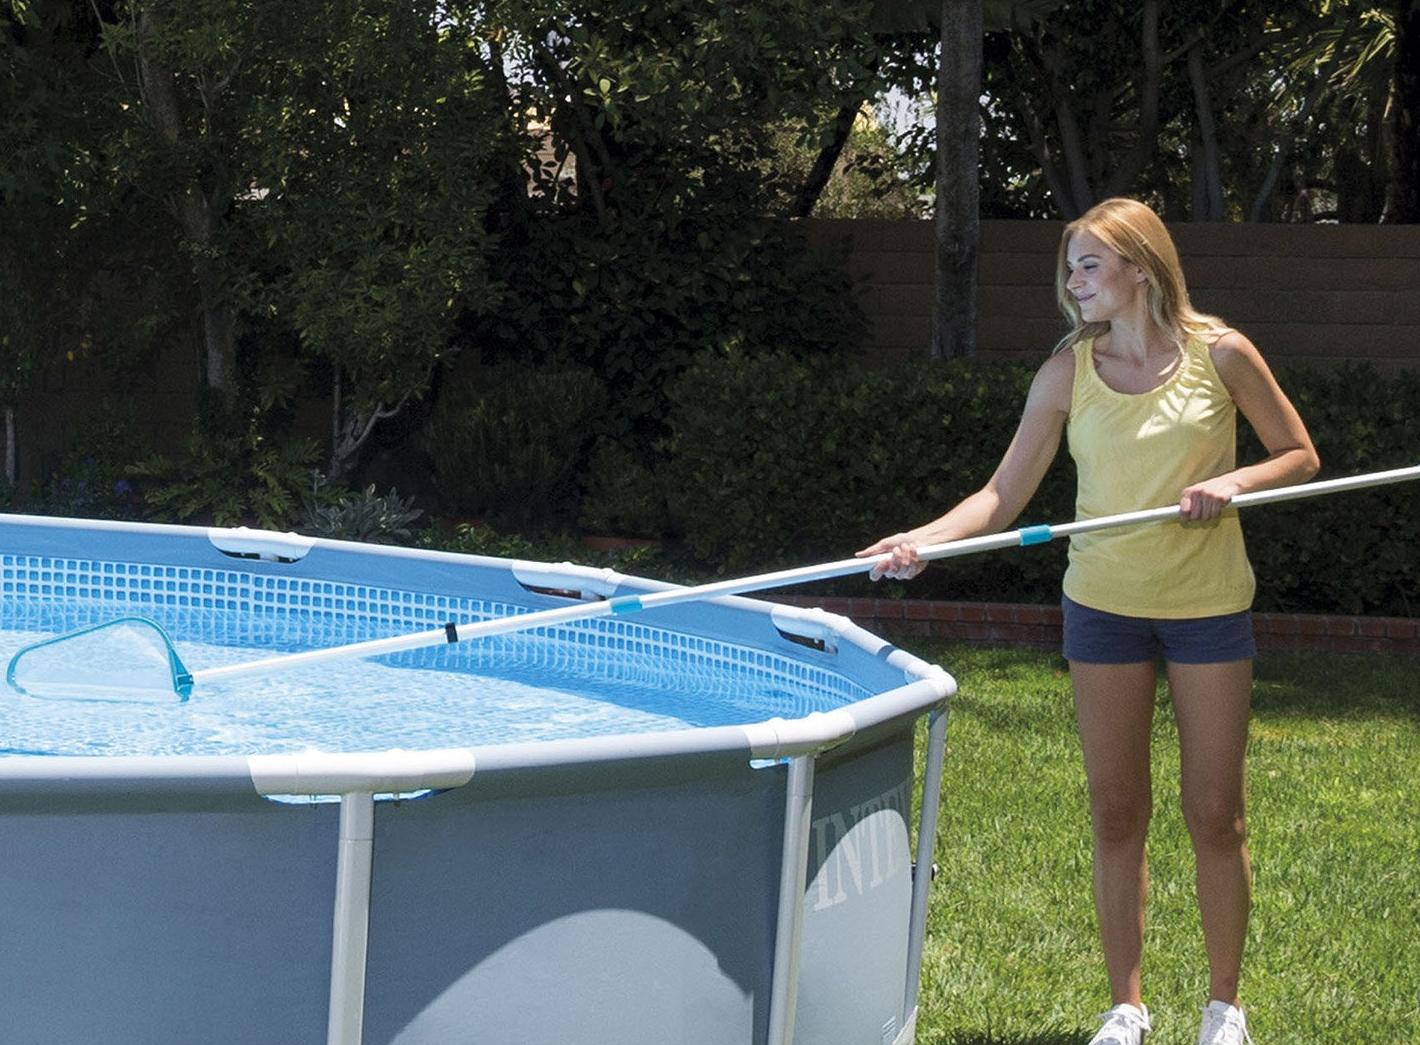 Пылесос для бассейна своими руками: не так сложно, как кажется - Отделка